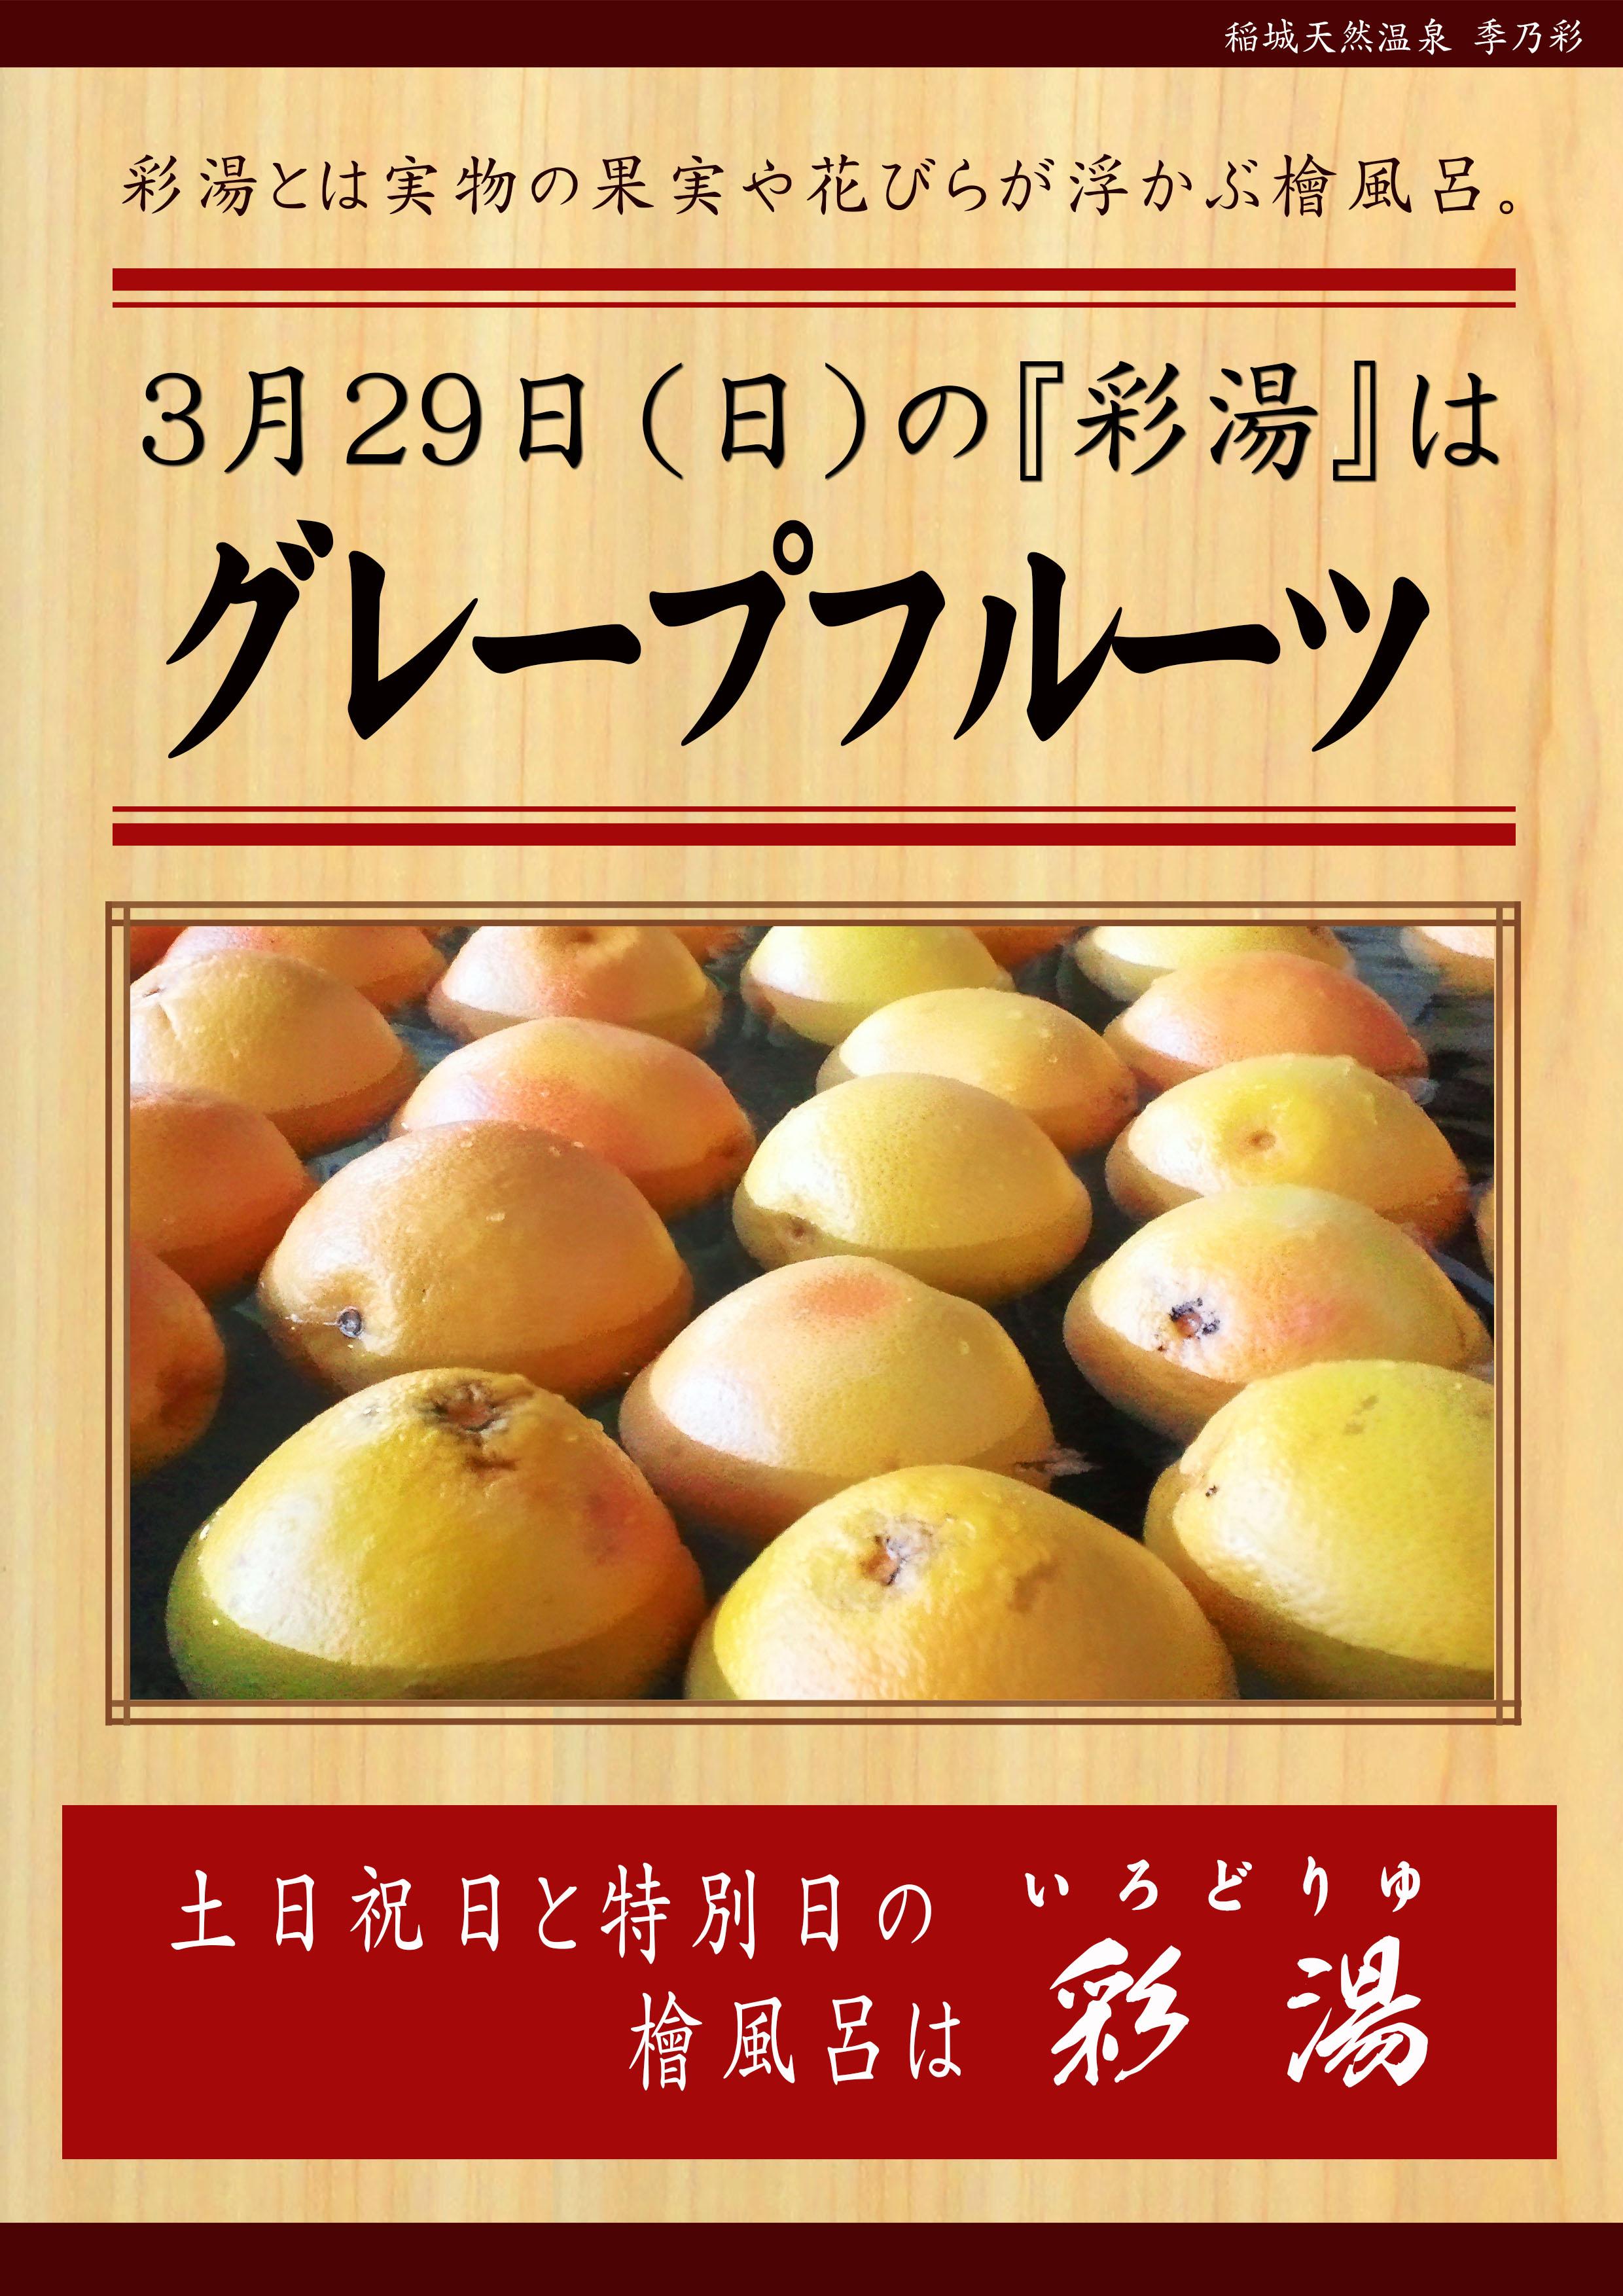 200329 POP イベント 彩湯 女湯 グレープフルーツ